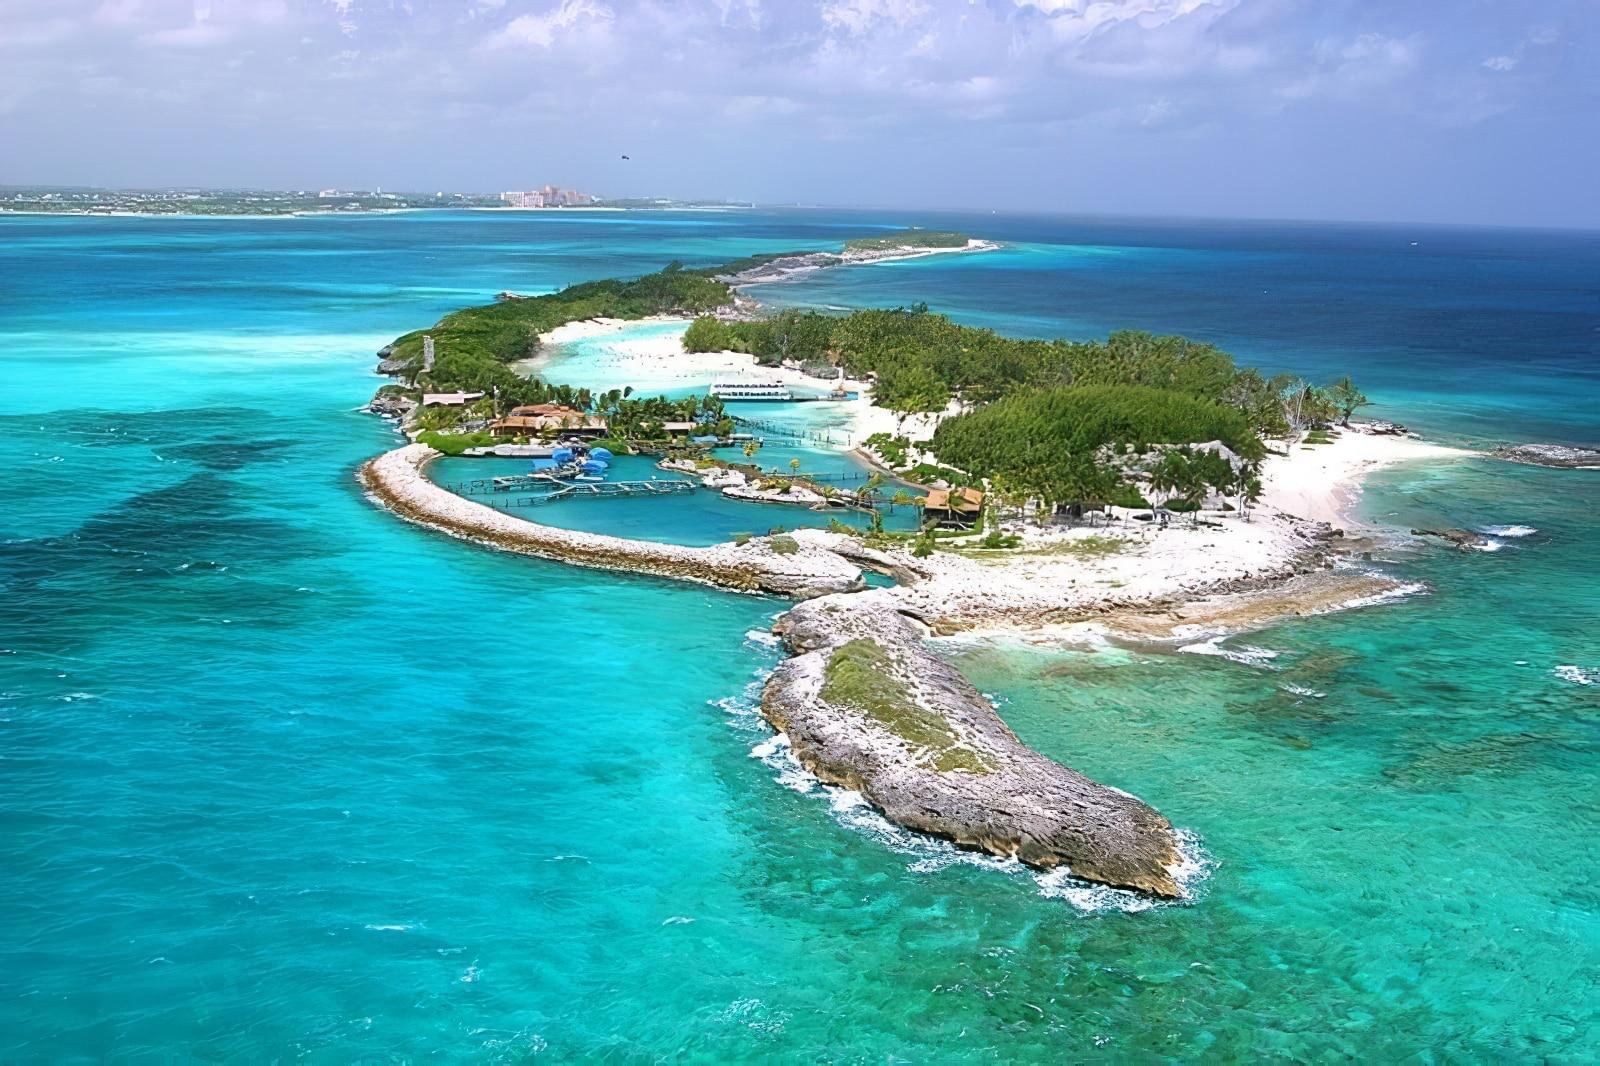 Passez une journée aux Bahamas au départ de Miami